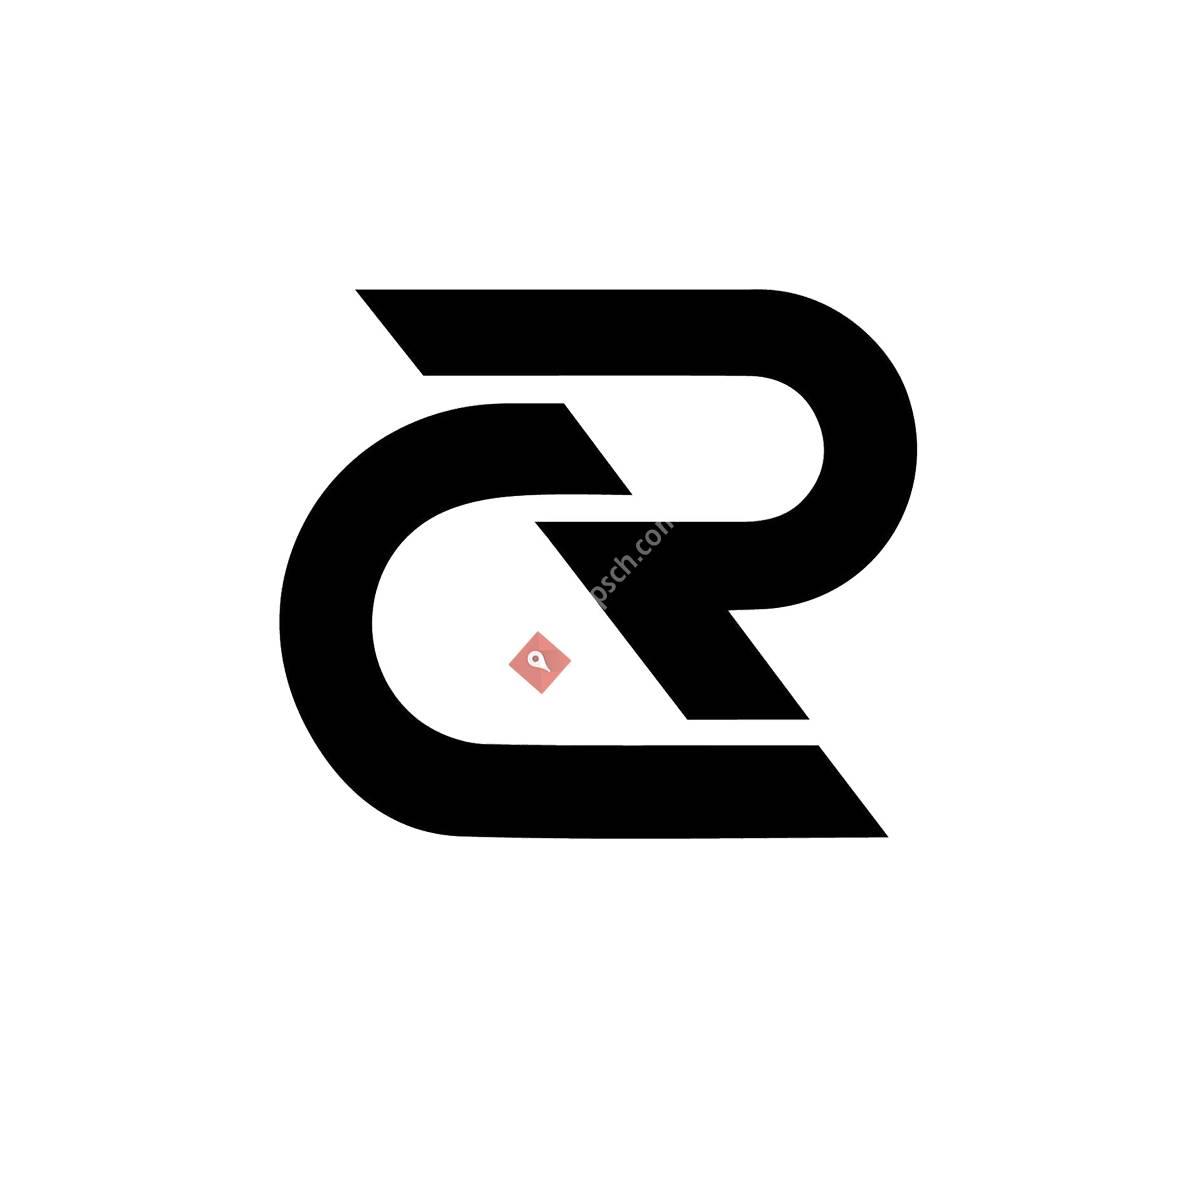 CR Personaltraining Zürich